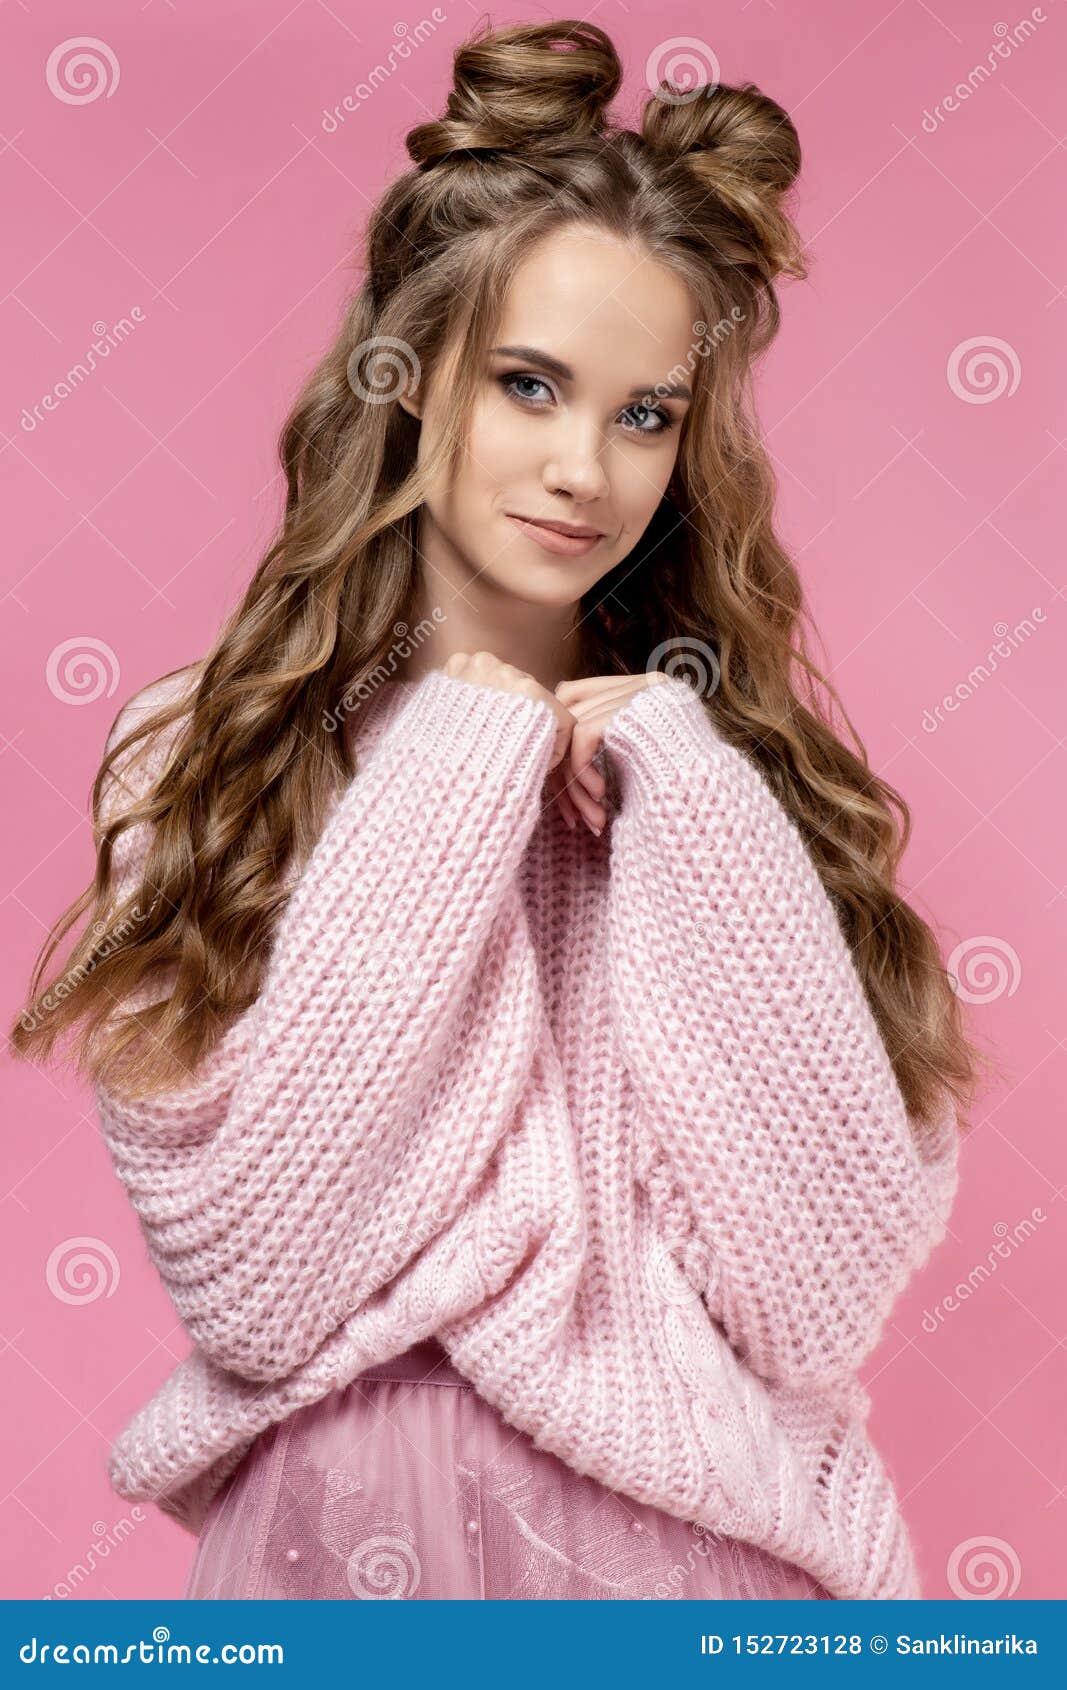 Jolie jeune fille dans un chandail rose sur un fond rose avec une coupe de cheveux et de longs cheveux bouclés